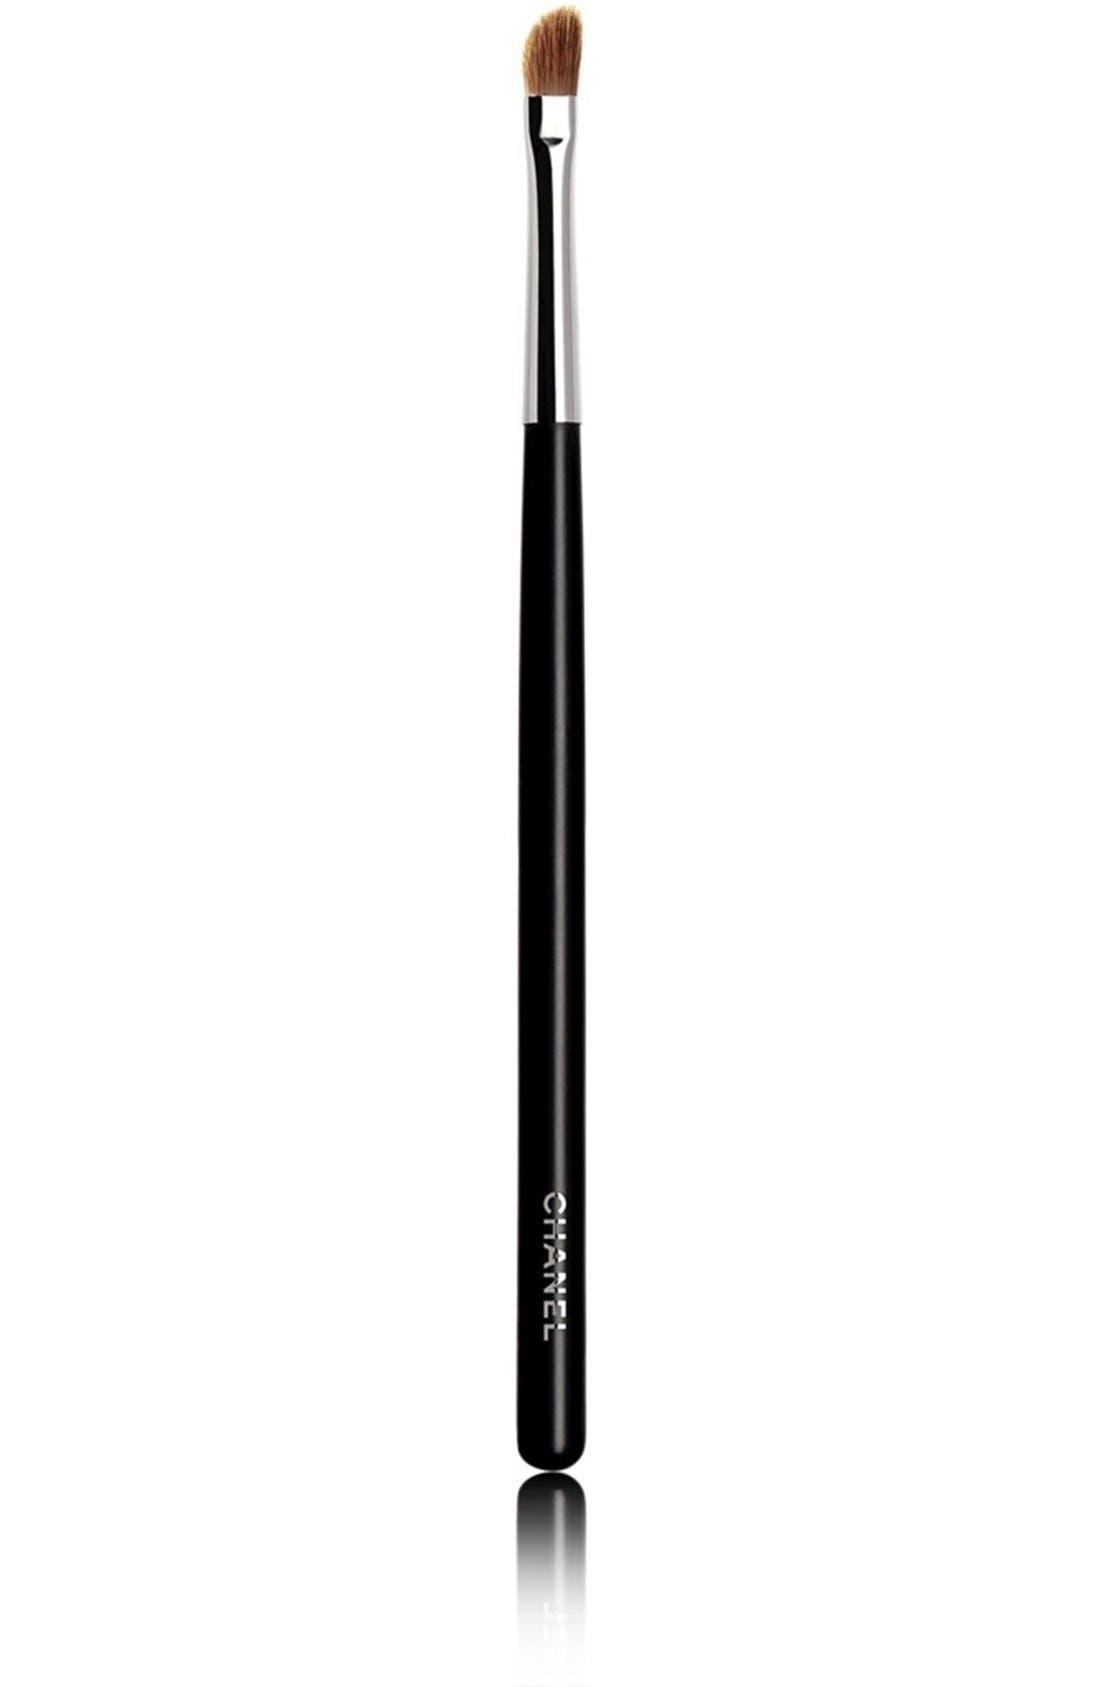 CHANEL PINCEAU LÈVRES BISEAUTÉ Angled Lip Brush #33, Main, color, 000